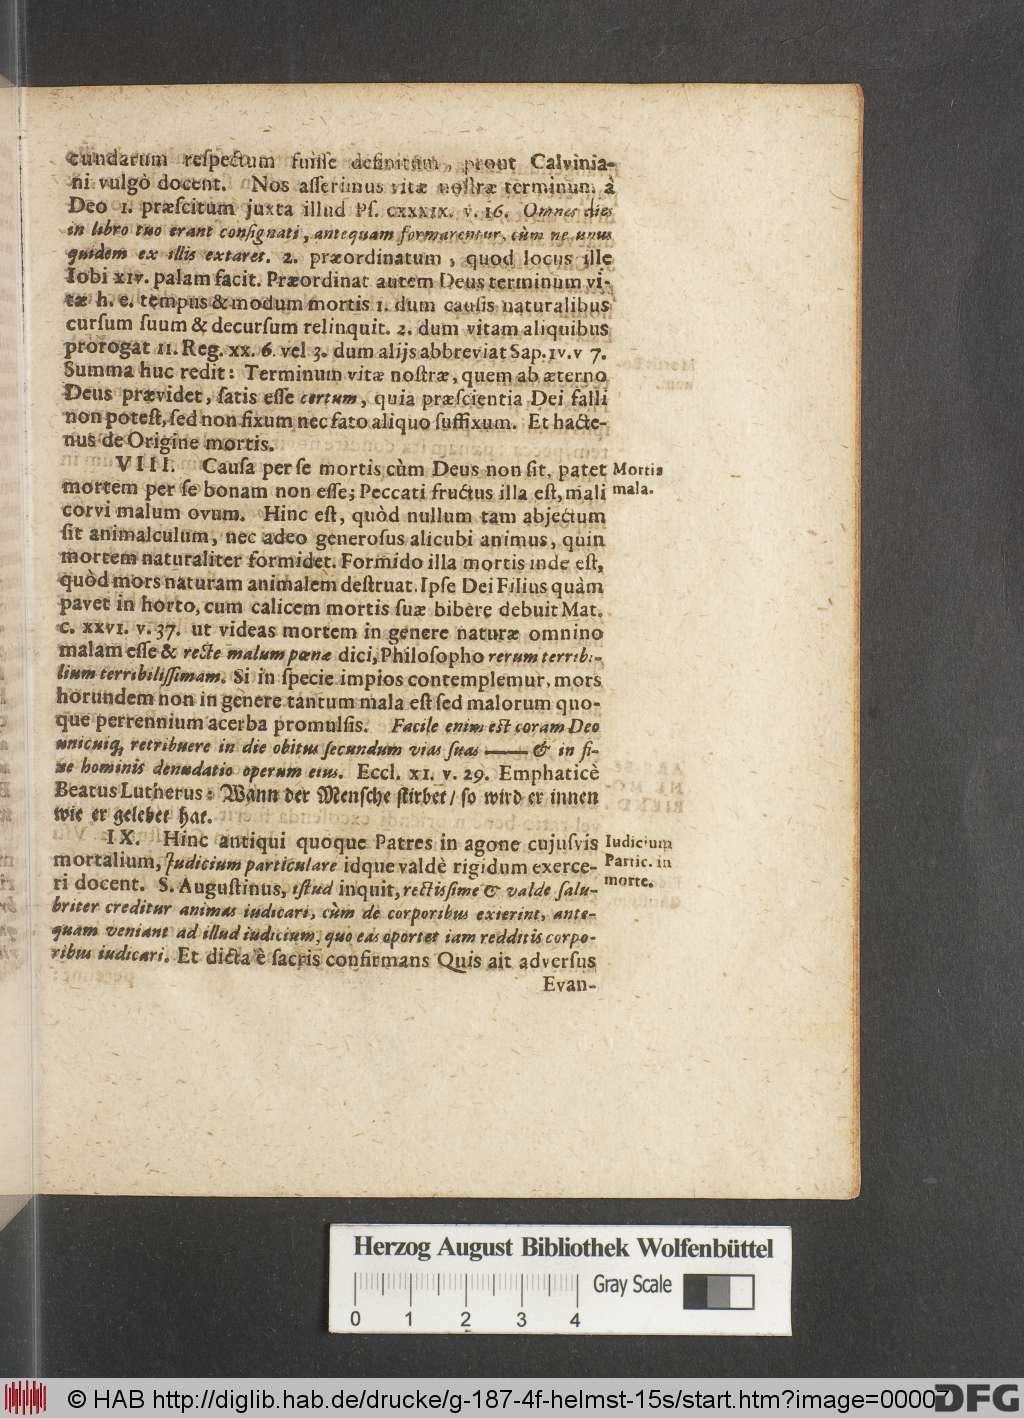 http://diglib.hab.de/drucke/g-187-4f-helmst-15s/00007.jpg